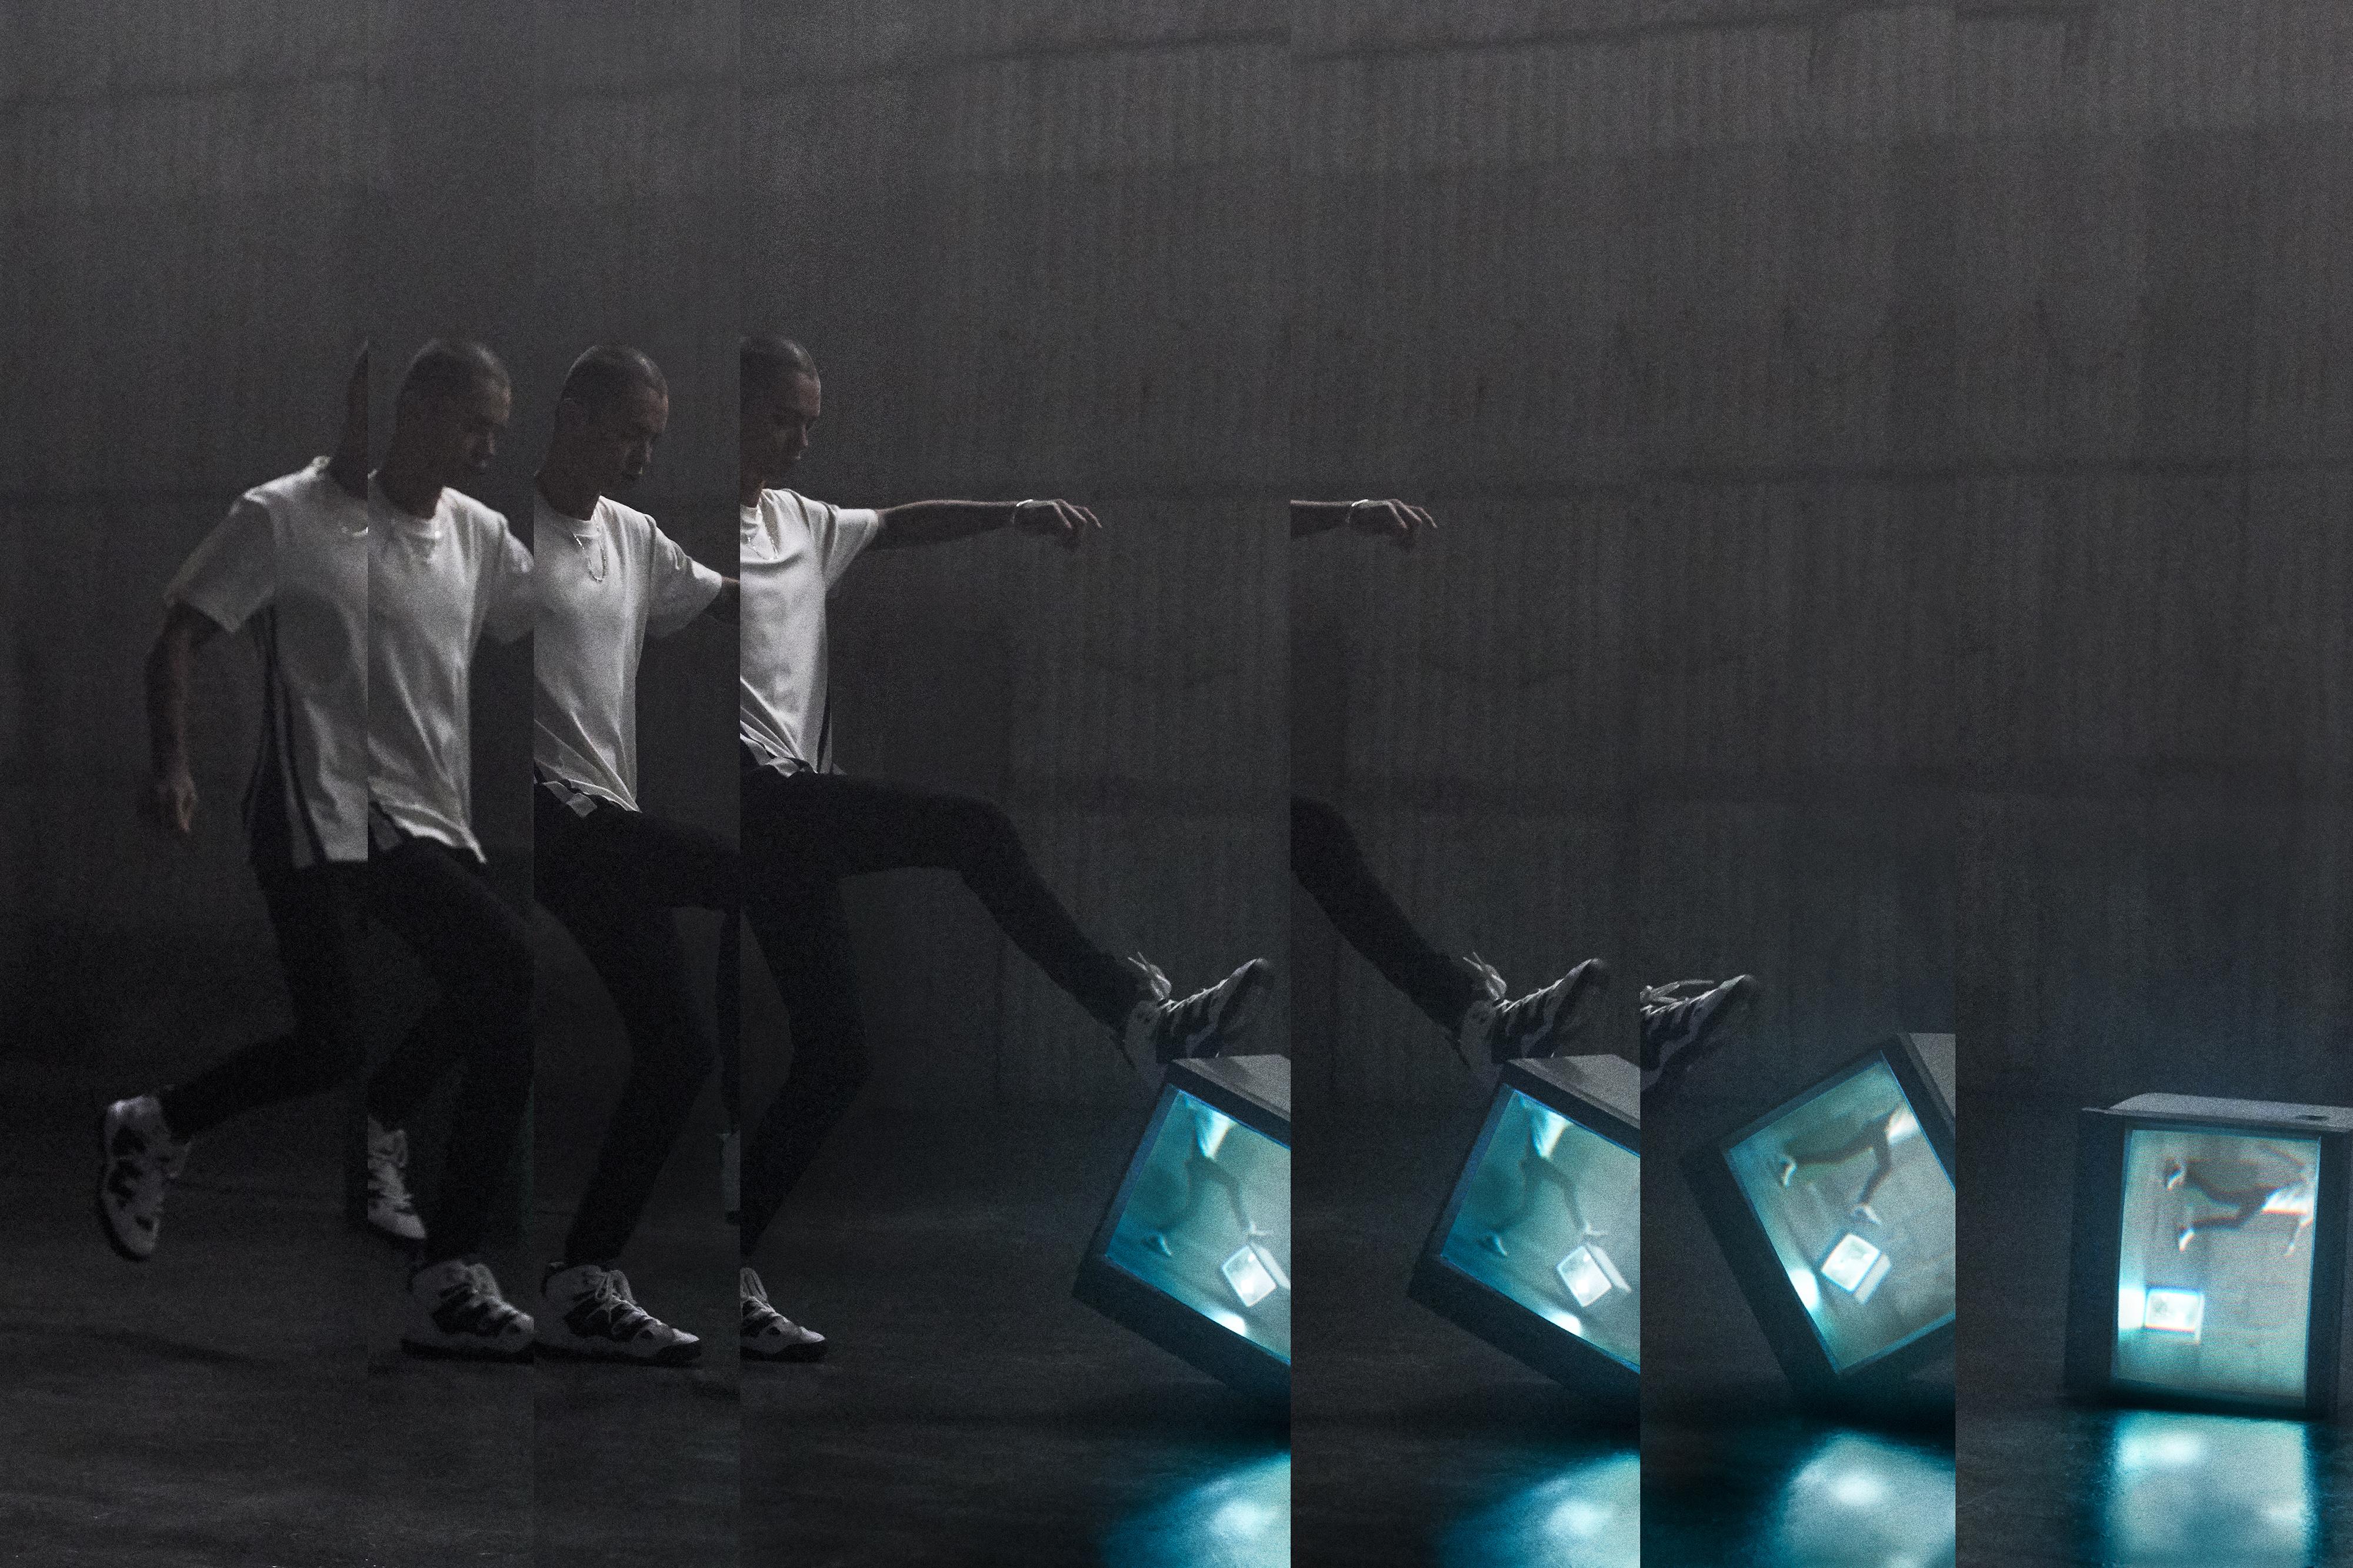 La nueva campaña de adidas Originals con Dua Lipa - image adidas-originals-vanidad2 on https://www.vanidad.es